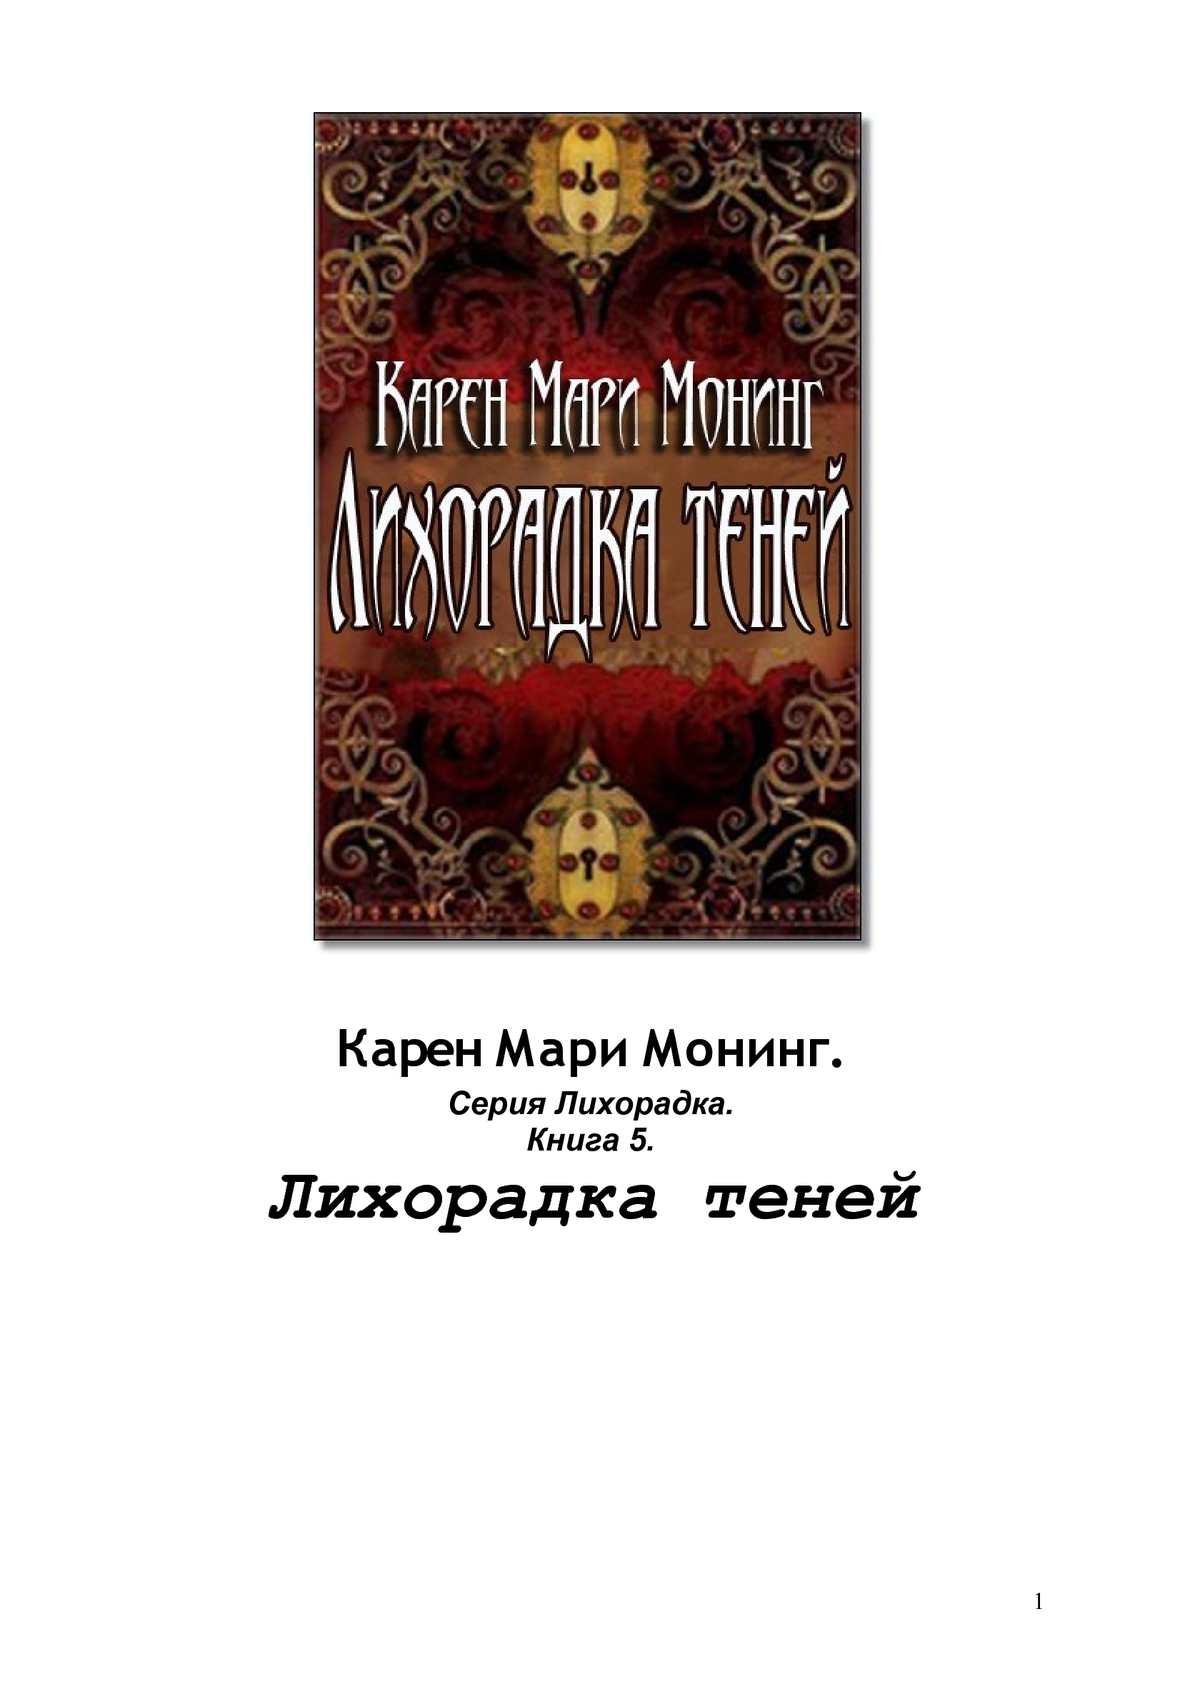 КАРЕН МОНИНГ КОГДА ВЫЙДЕТ ЛИХОРАДКА 11 СКАЧАТЬ БЕСПЛАТНО